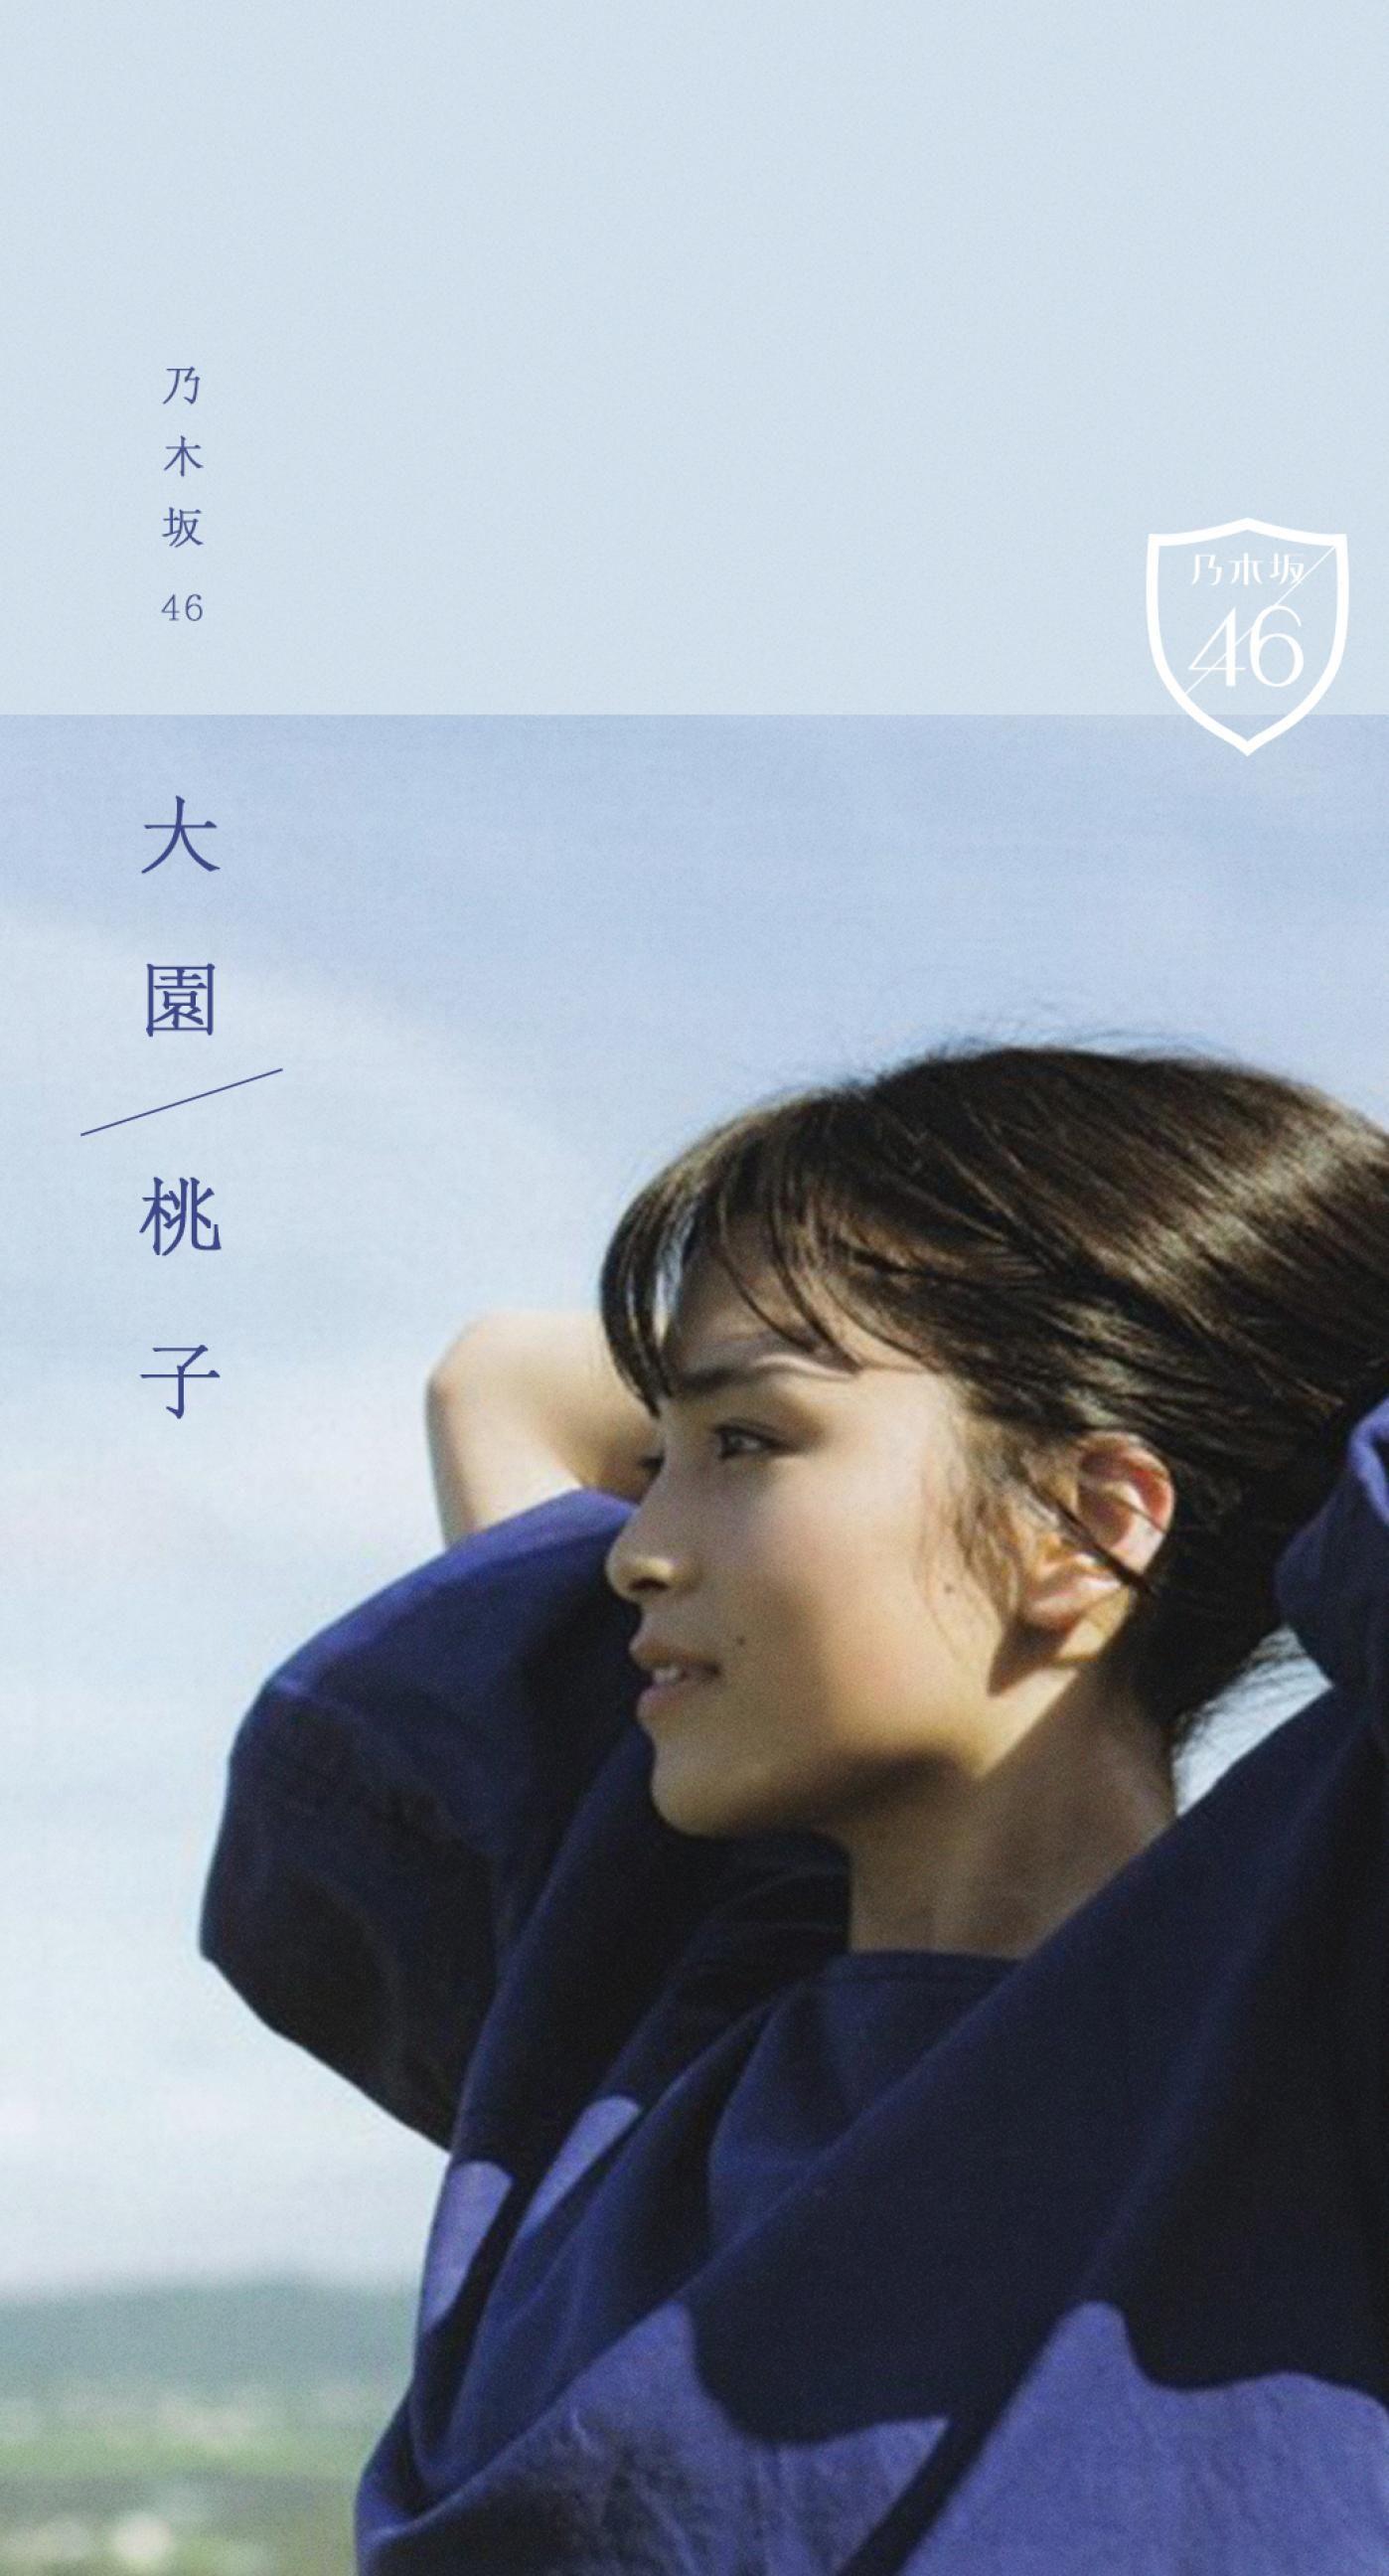 乃木坂46 大園桃子スマホ壁紙画像 170826 02 乃木坂46壁紙